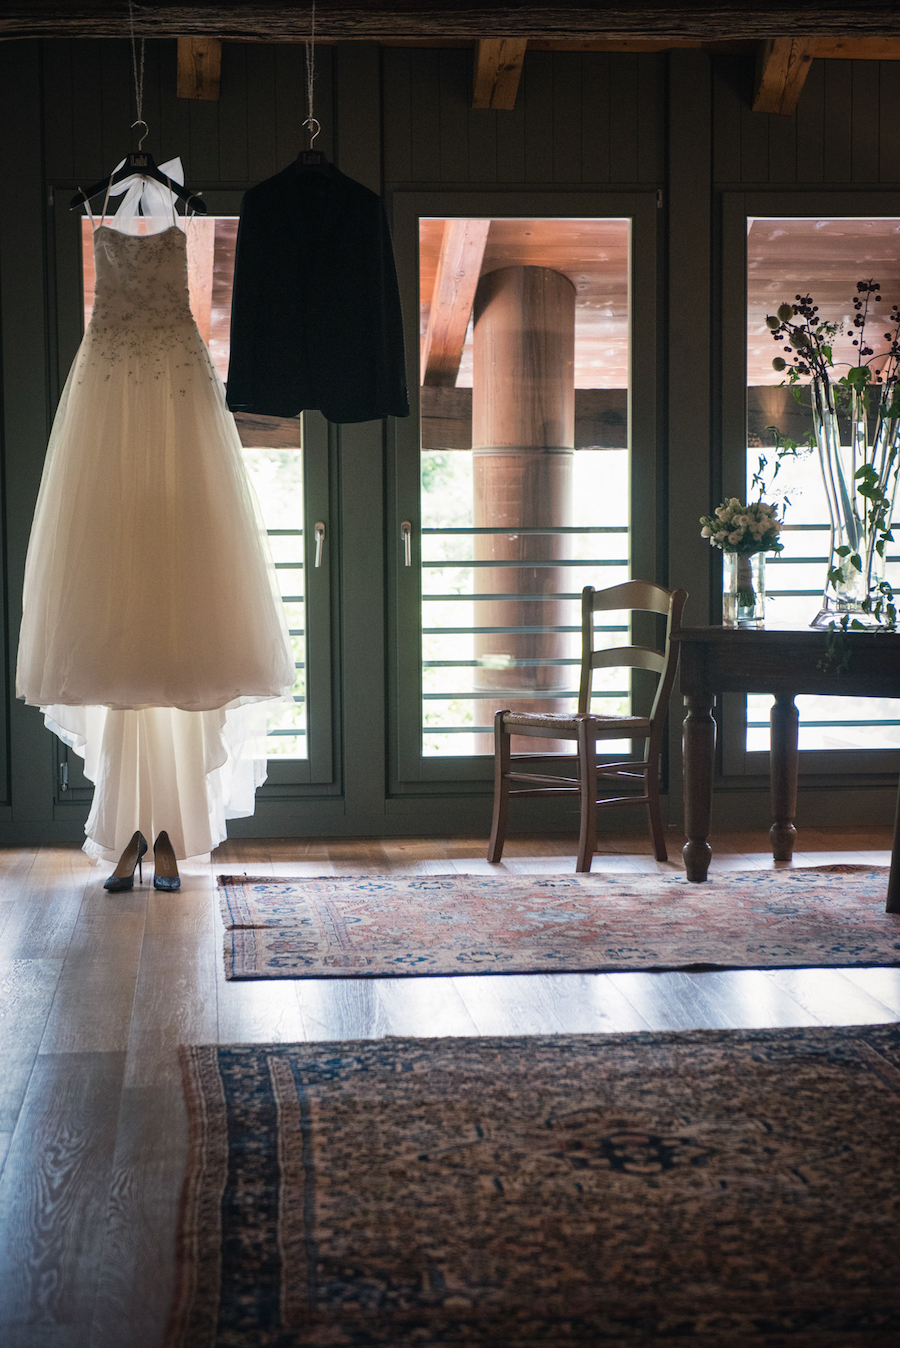 Matrimonio Simbolico Mauritius : Un rito simbolico per matrimonio bilingue wedding